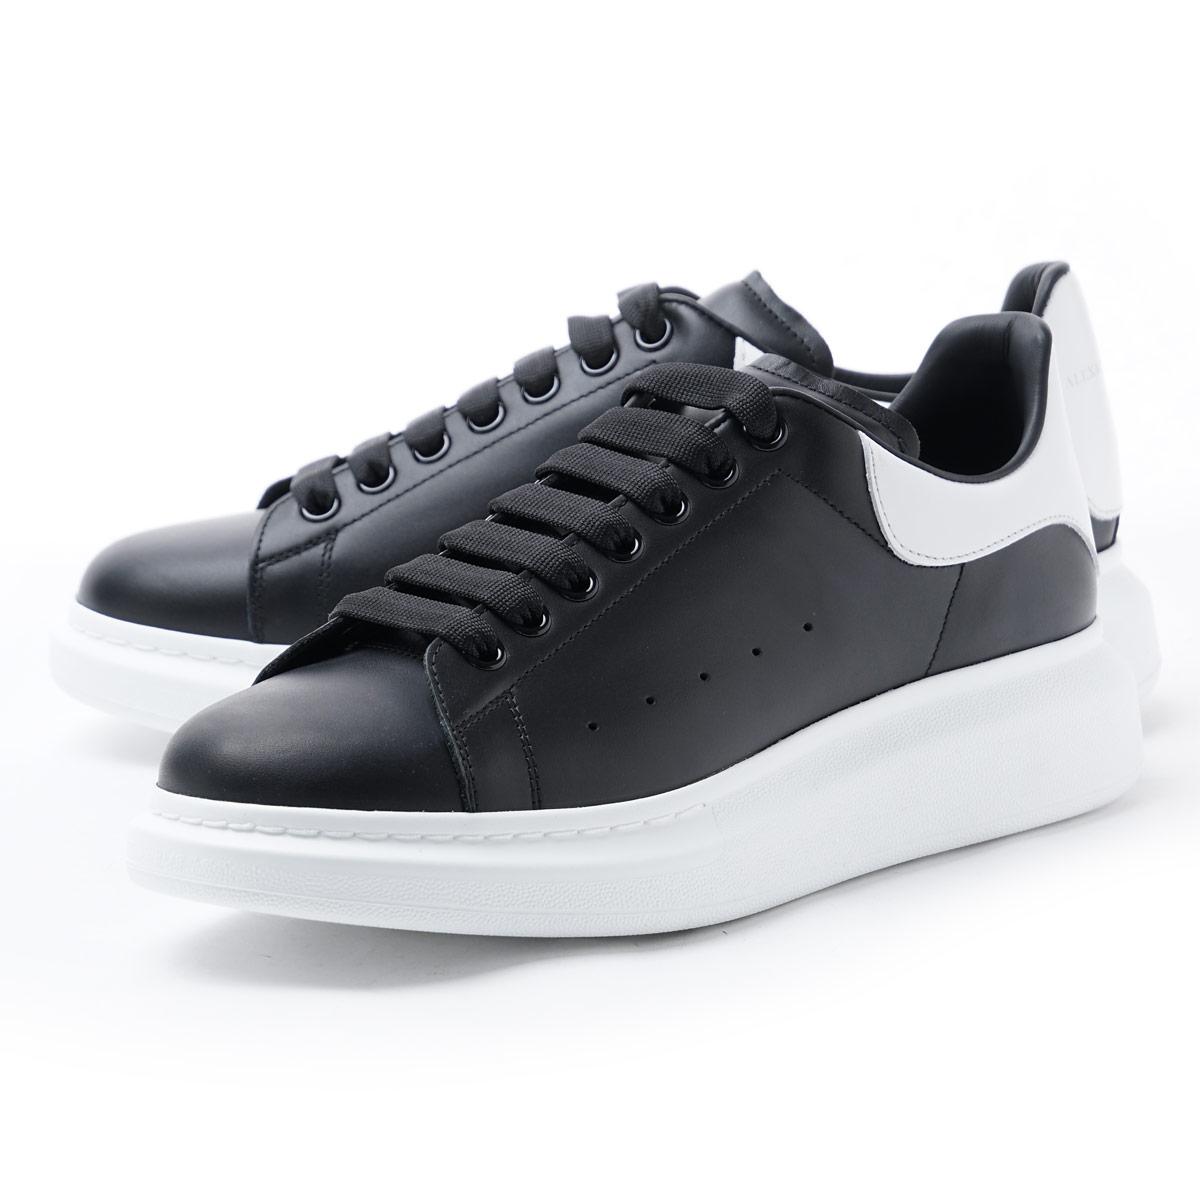 Alexander McQueen /ALEXANDER McQUEEN sneakers